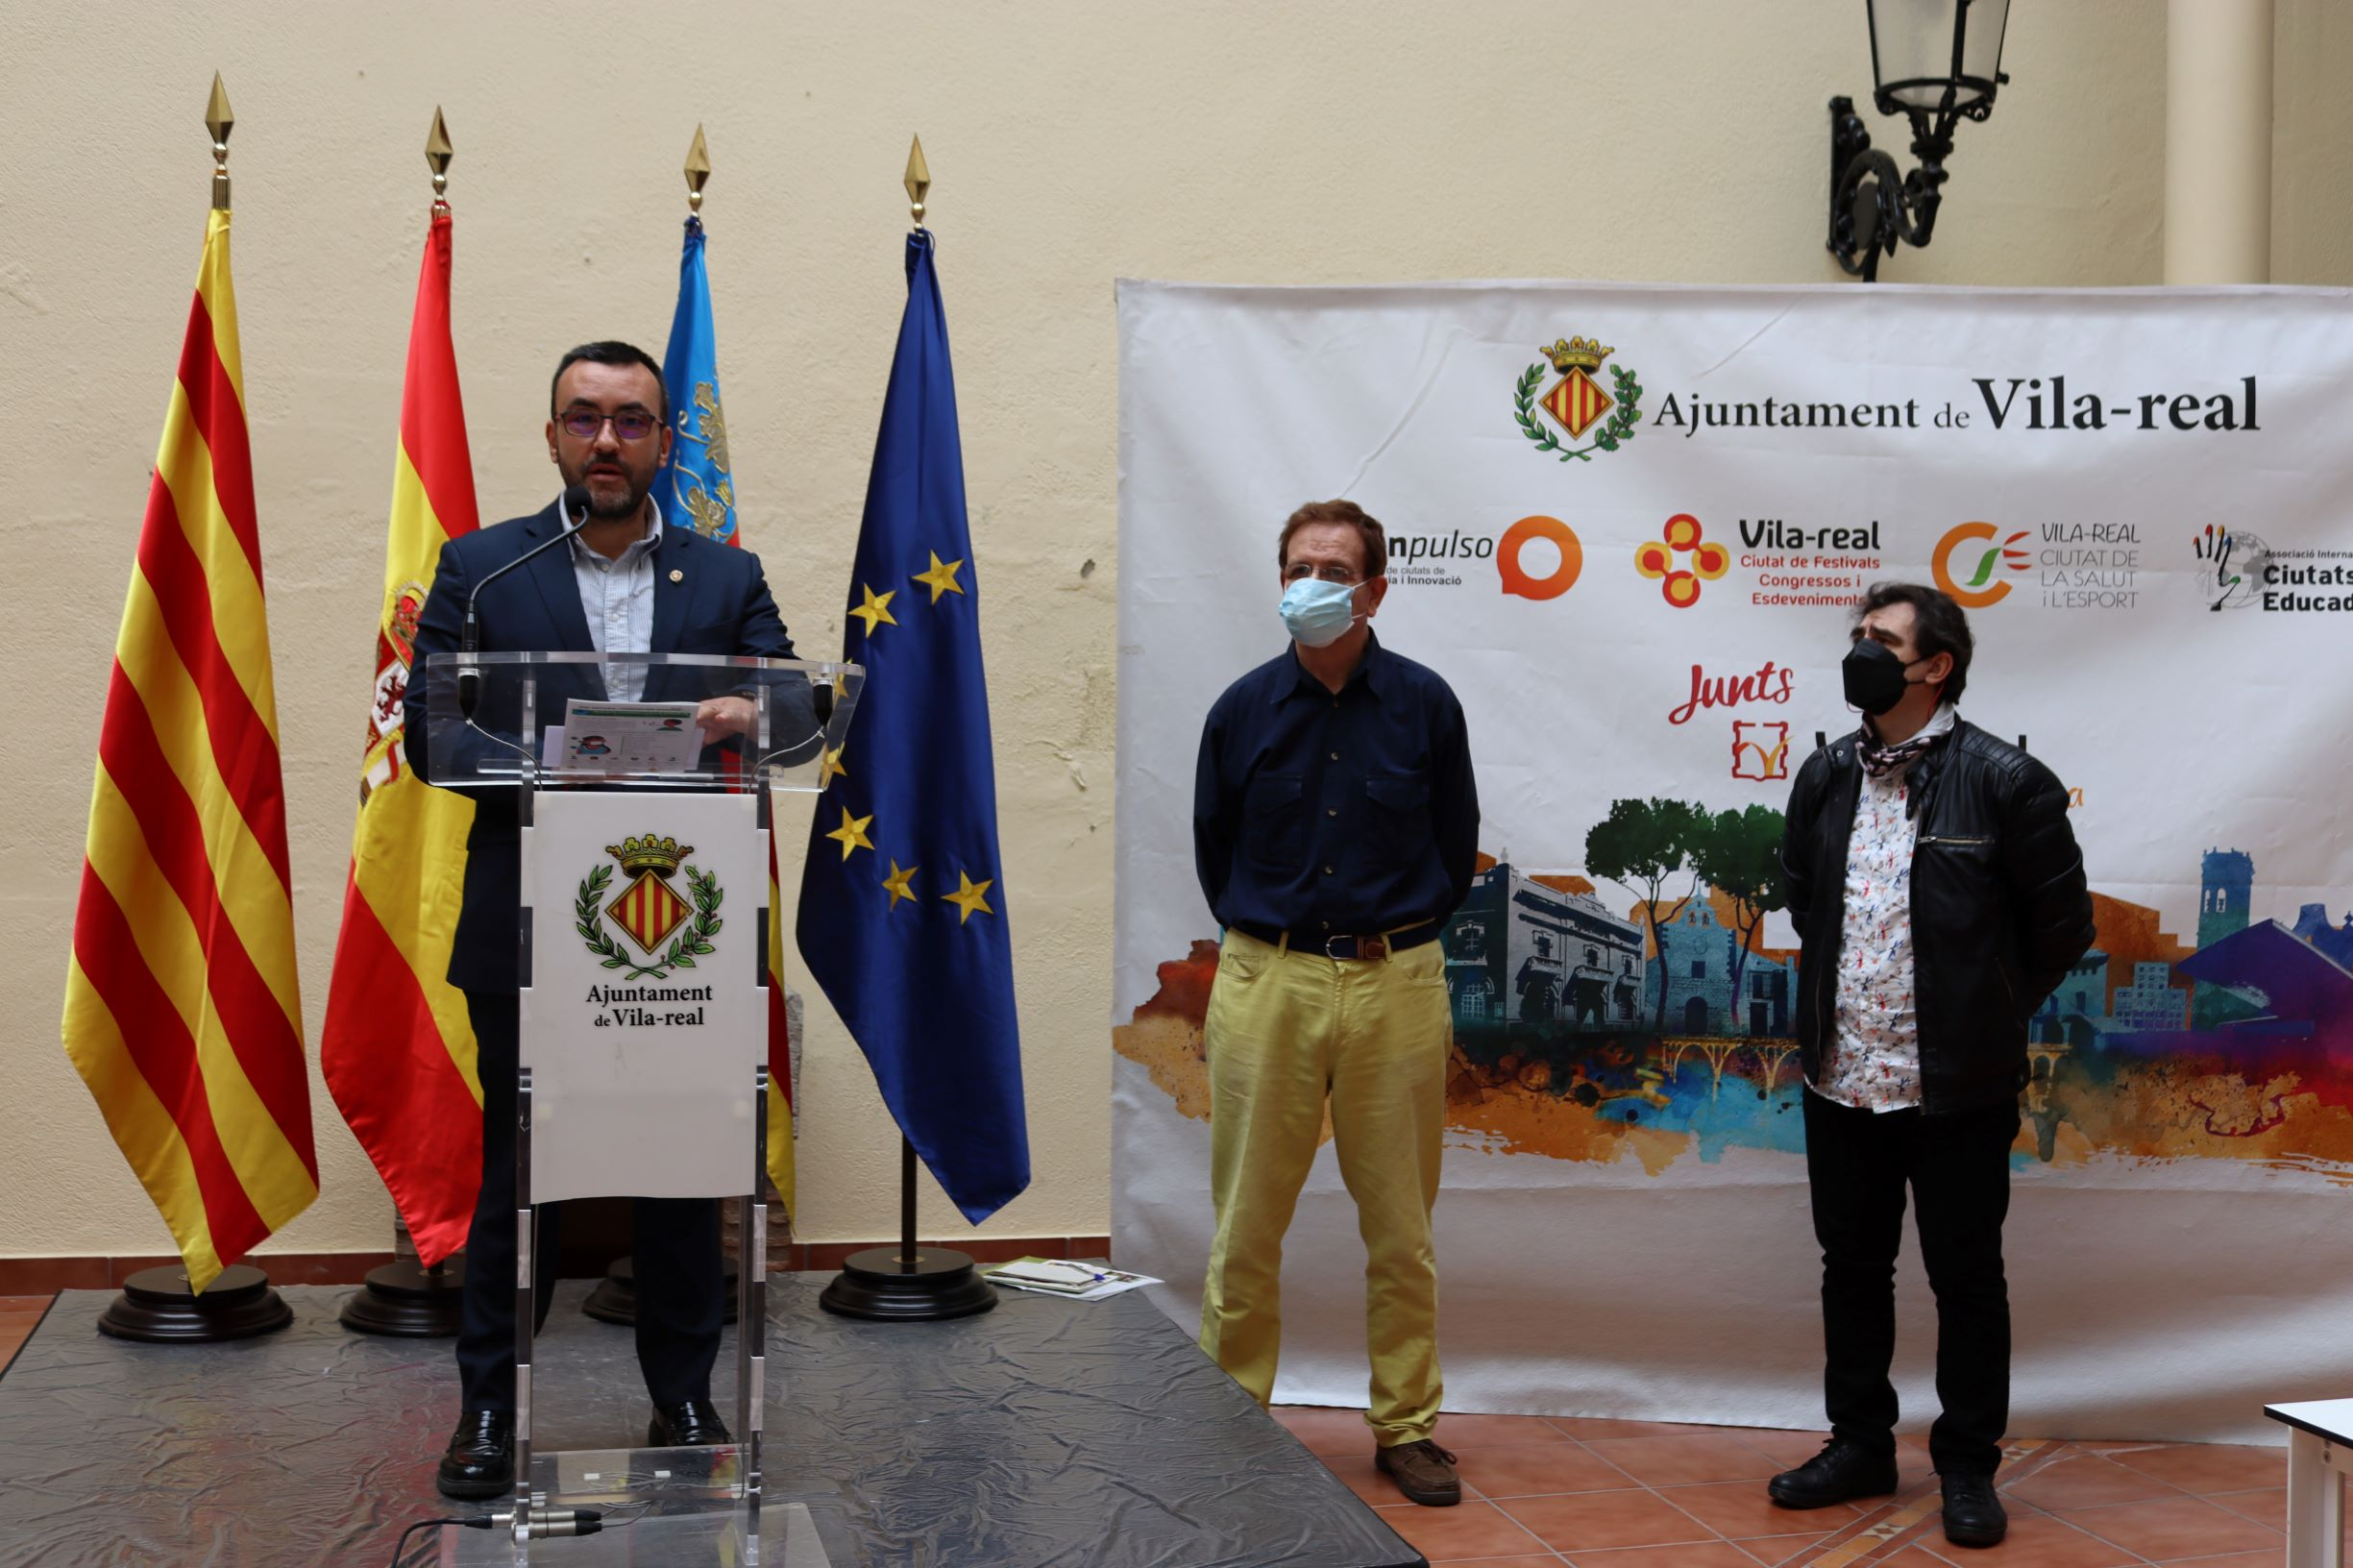 Vila-real reforzará el Simposio Internacional de Naturaleza y Fotografía como referente de divulgación científica y sostenibilidad